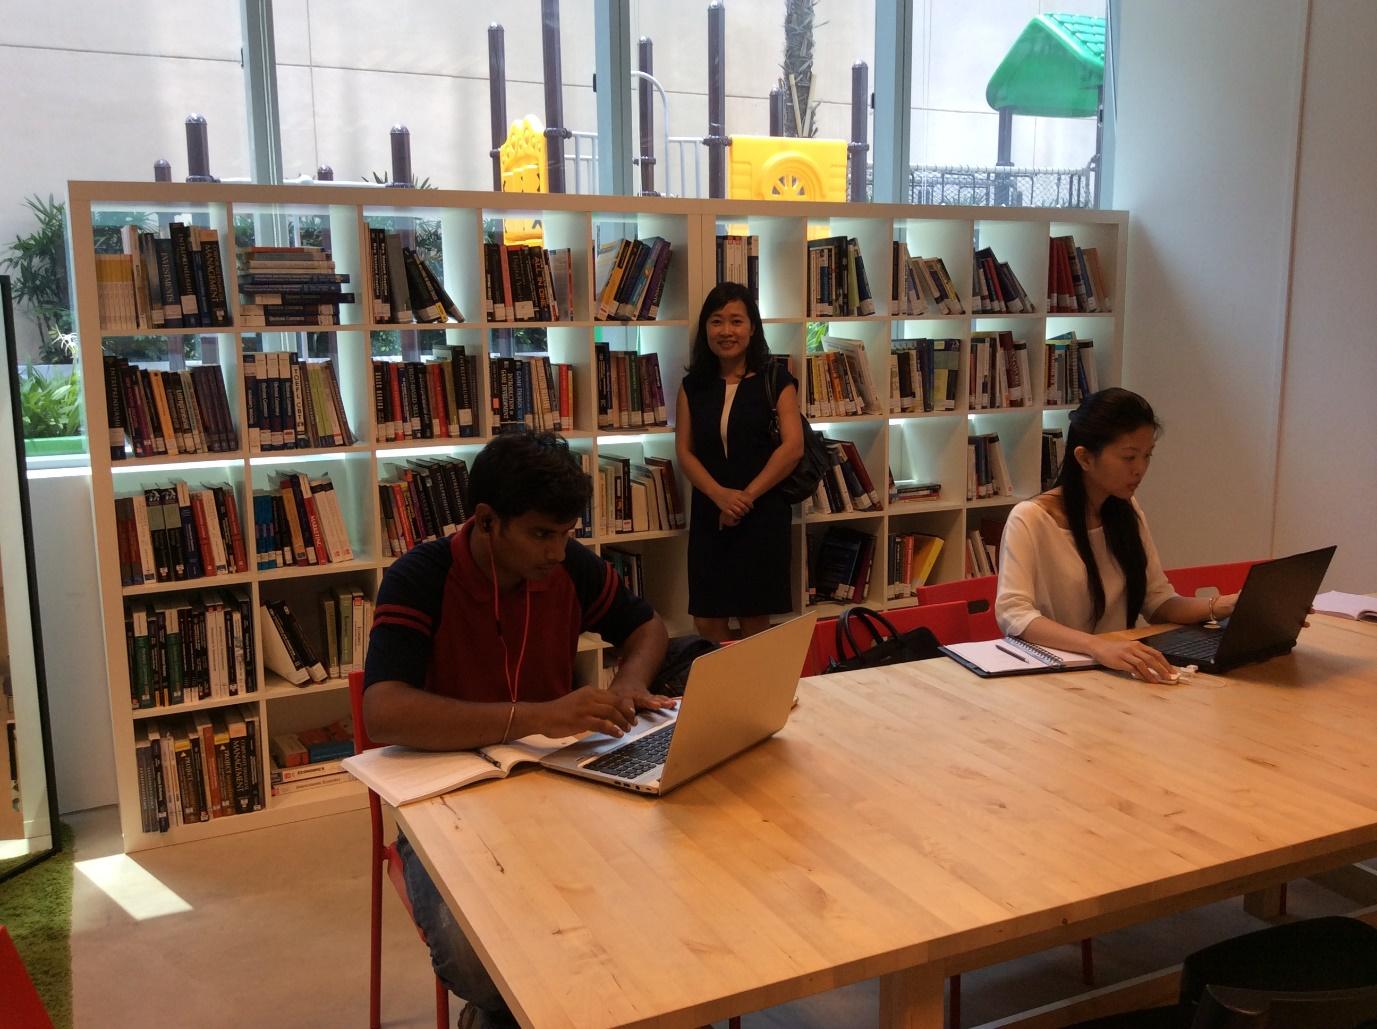 Du học theo định hướng tìm việc tại Singapore, dễ hay khó? - Ảnh 1.